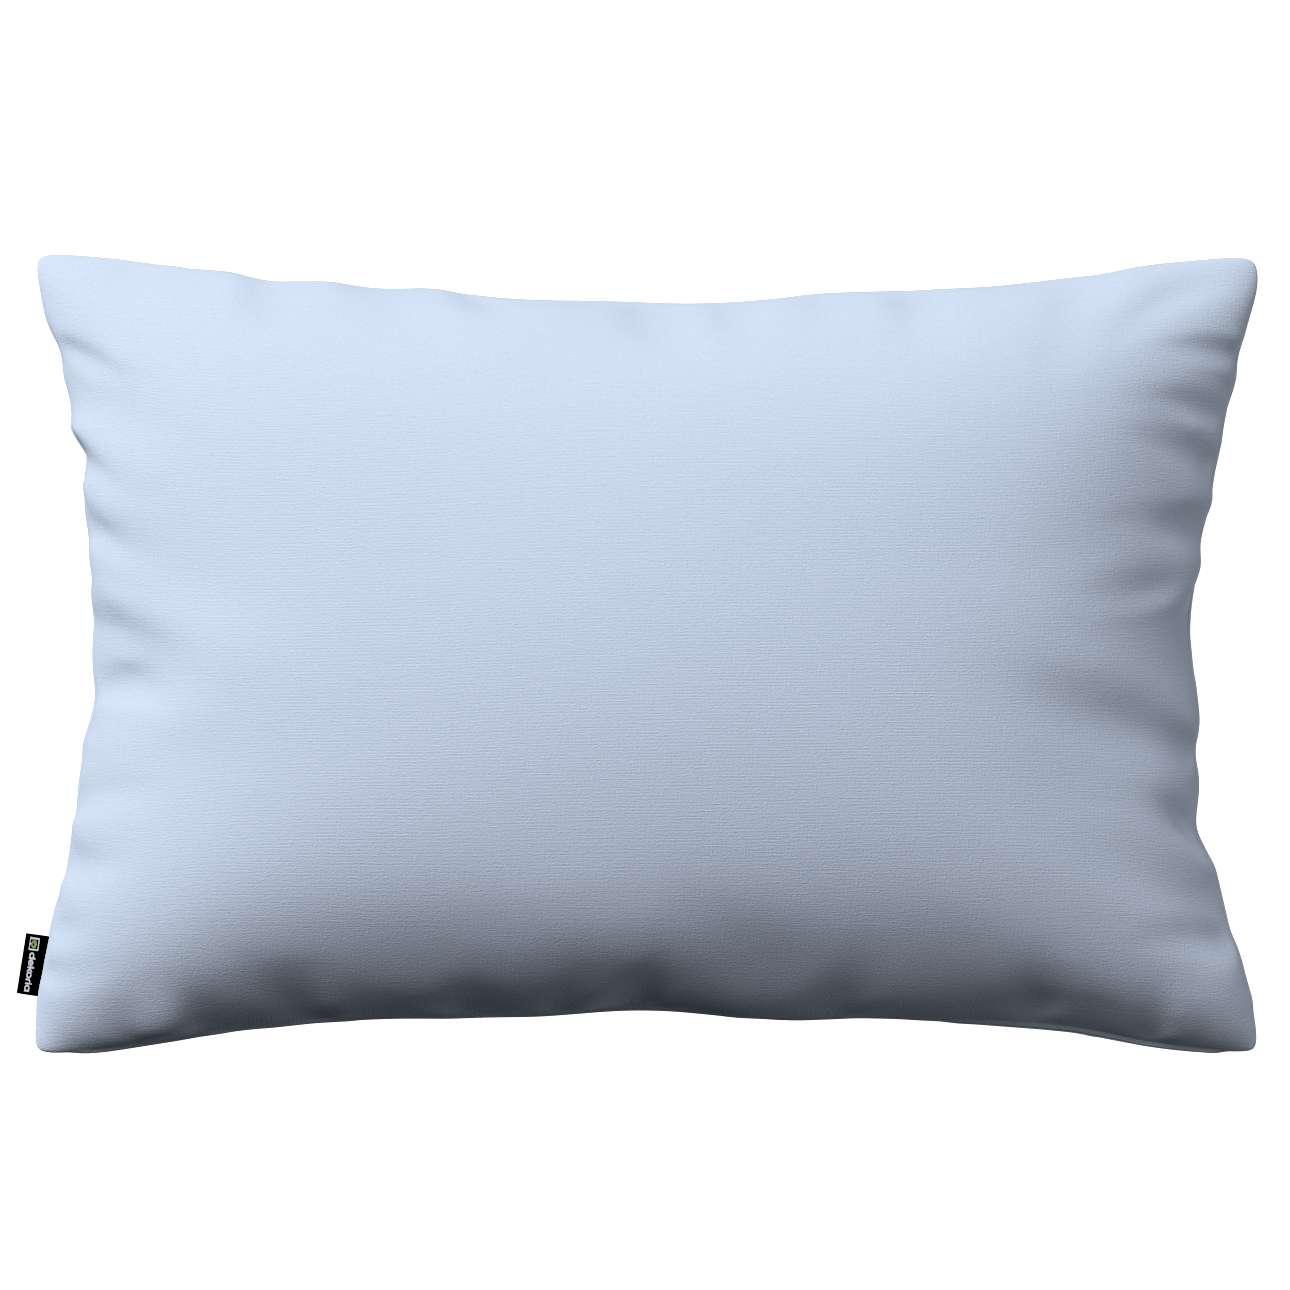 Kinga dekoratyvinės pagalvėlės užvalkalas 60x40cm 60x40cm kolekcijoje Loneta , audinys: 133-35